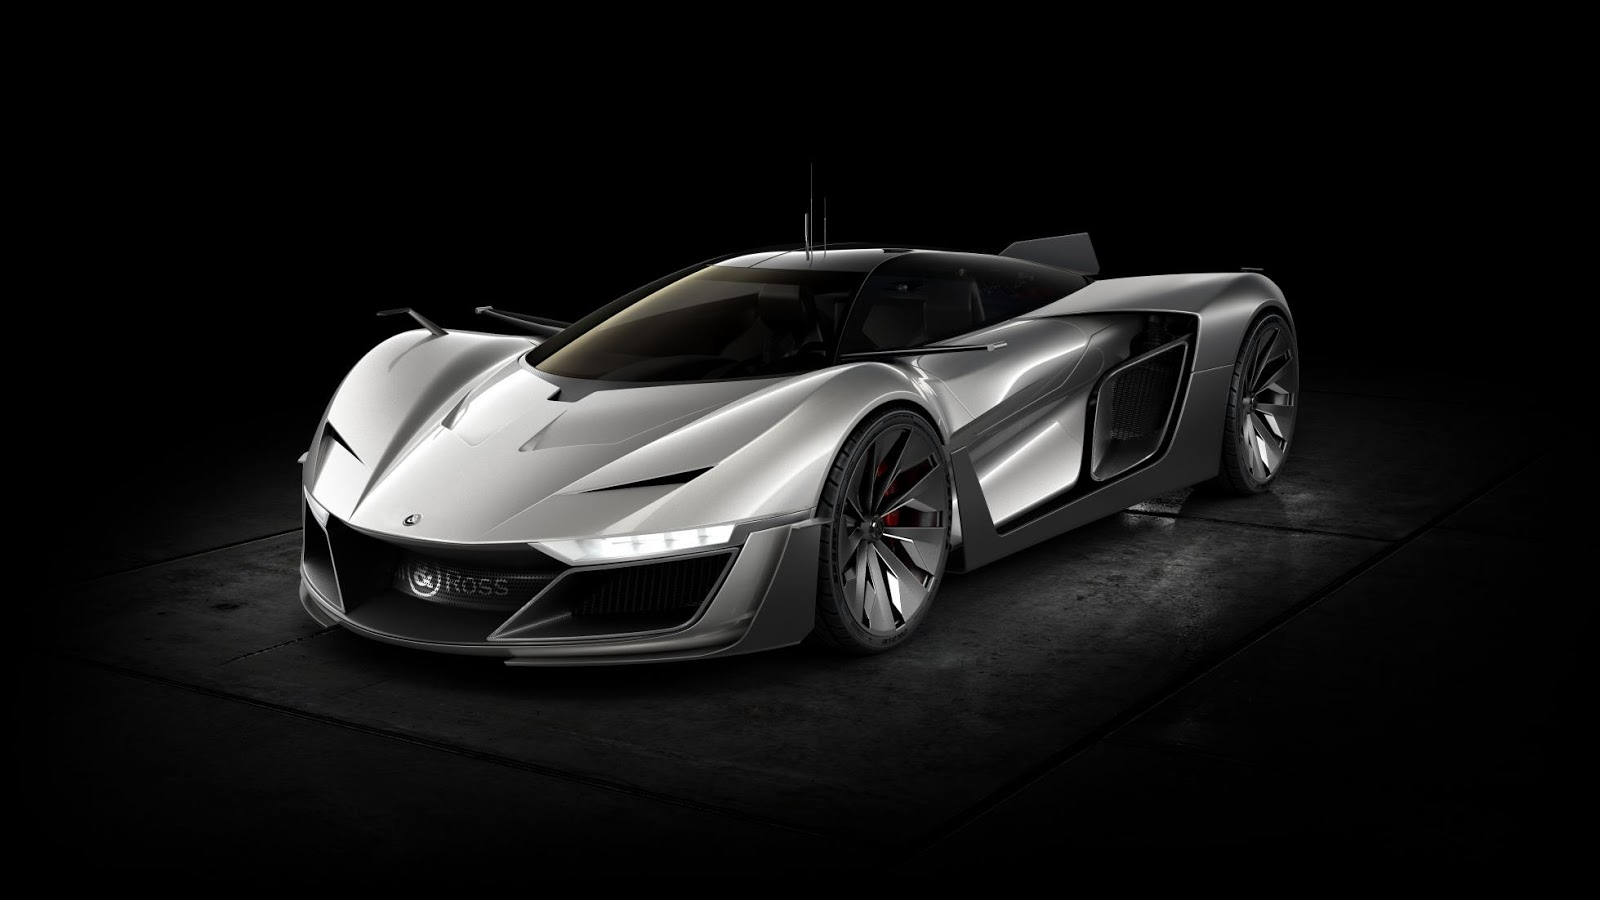 Siêu xe Aero GT Concept có thiết kế rất ấn tượng và hiện đại